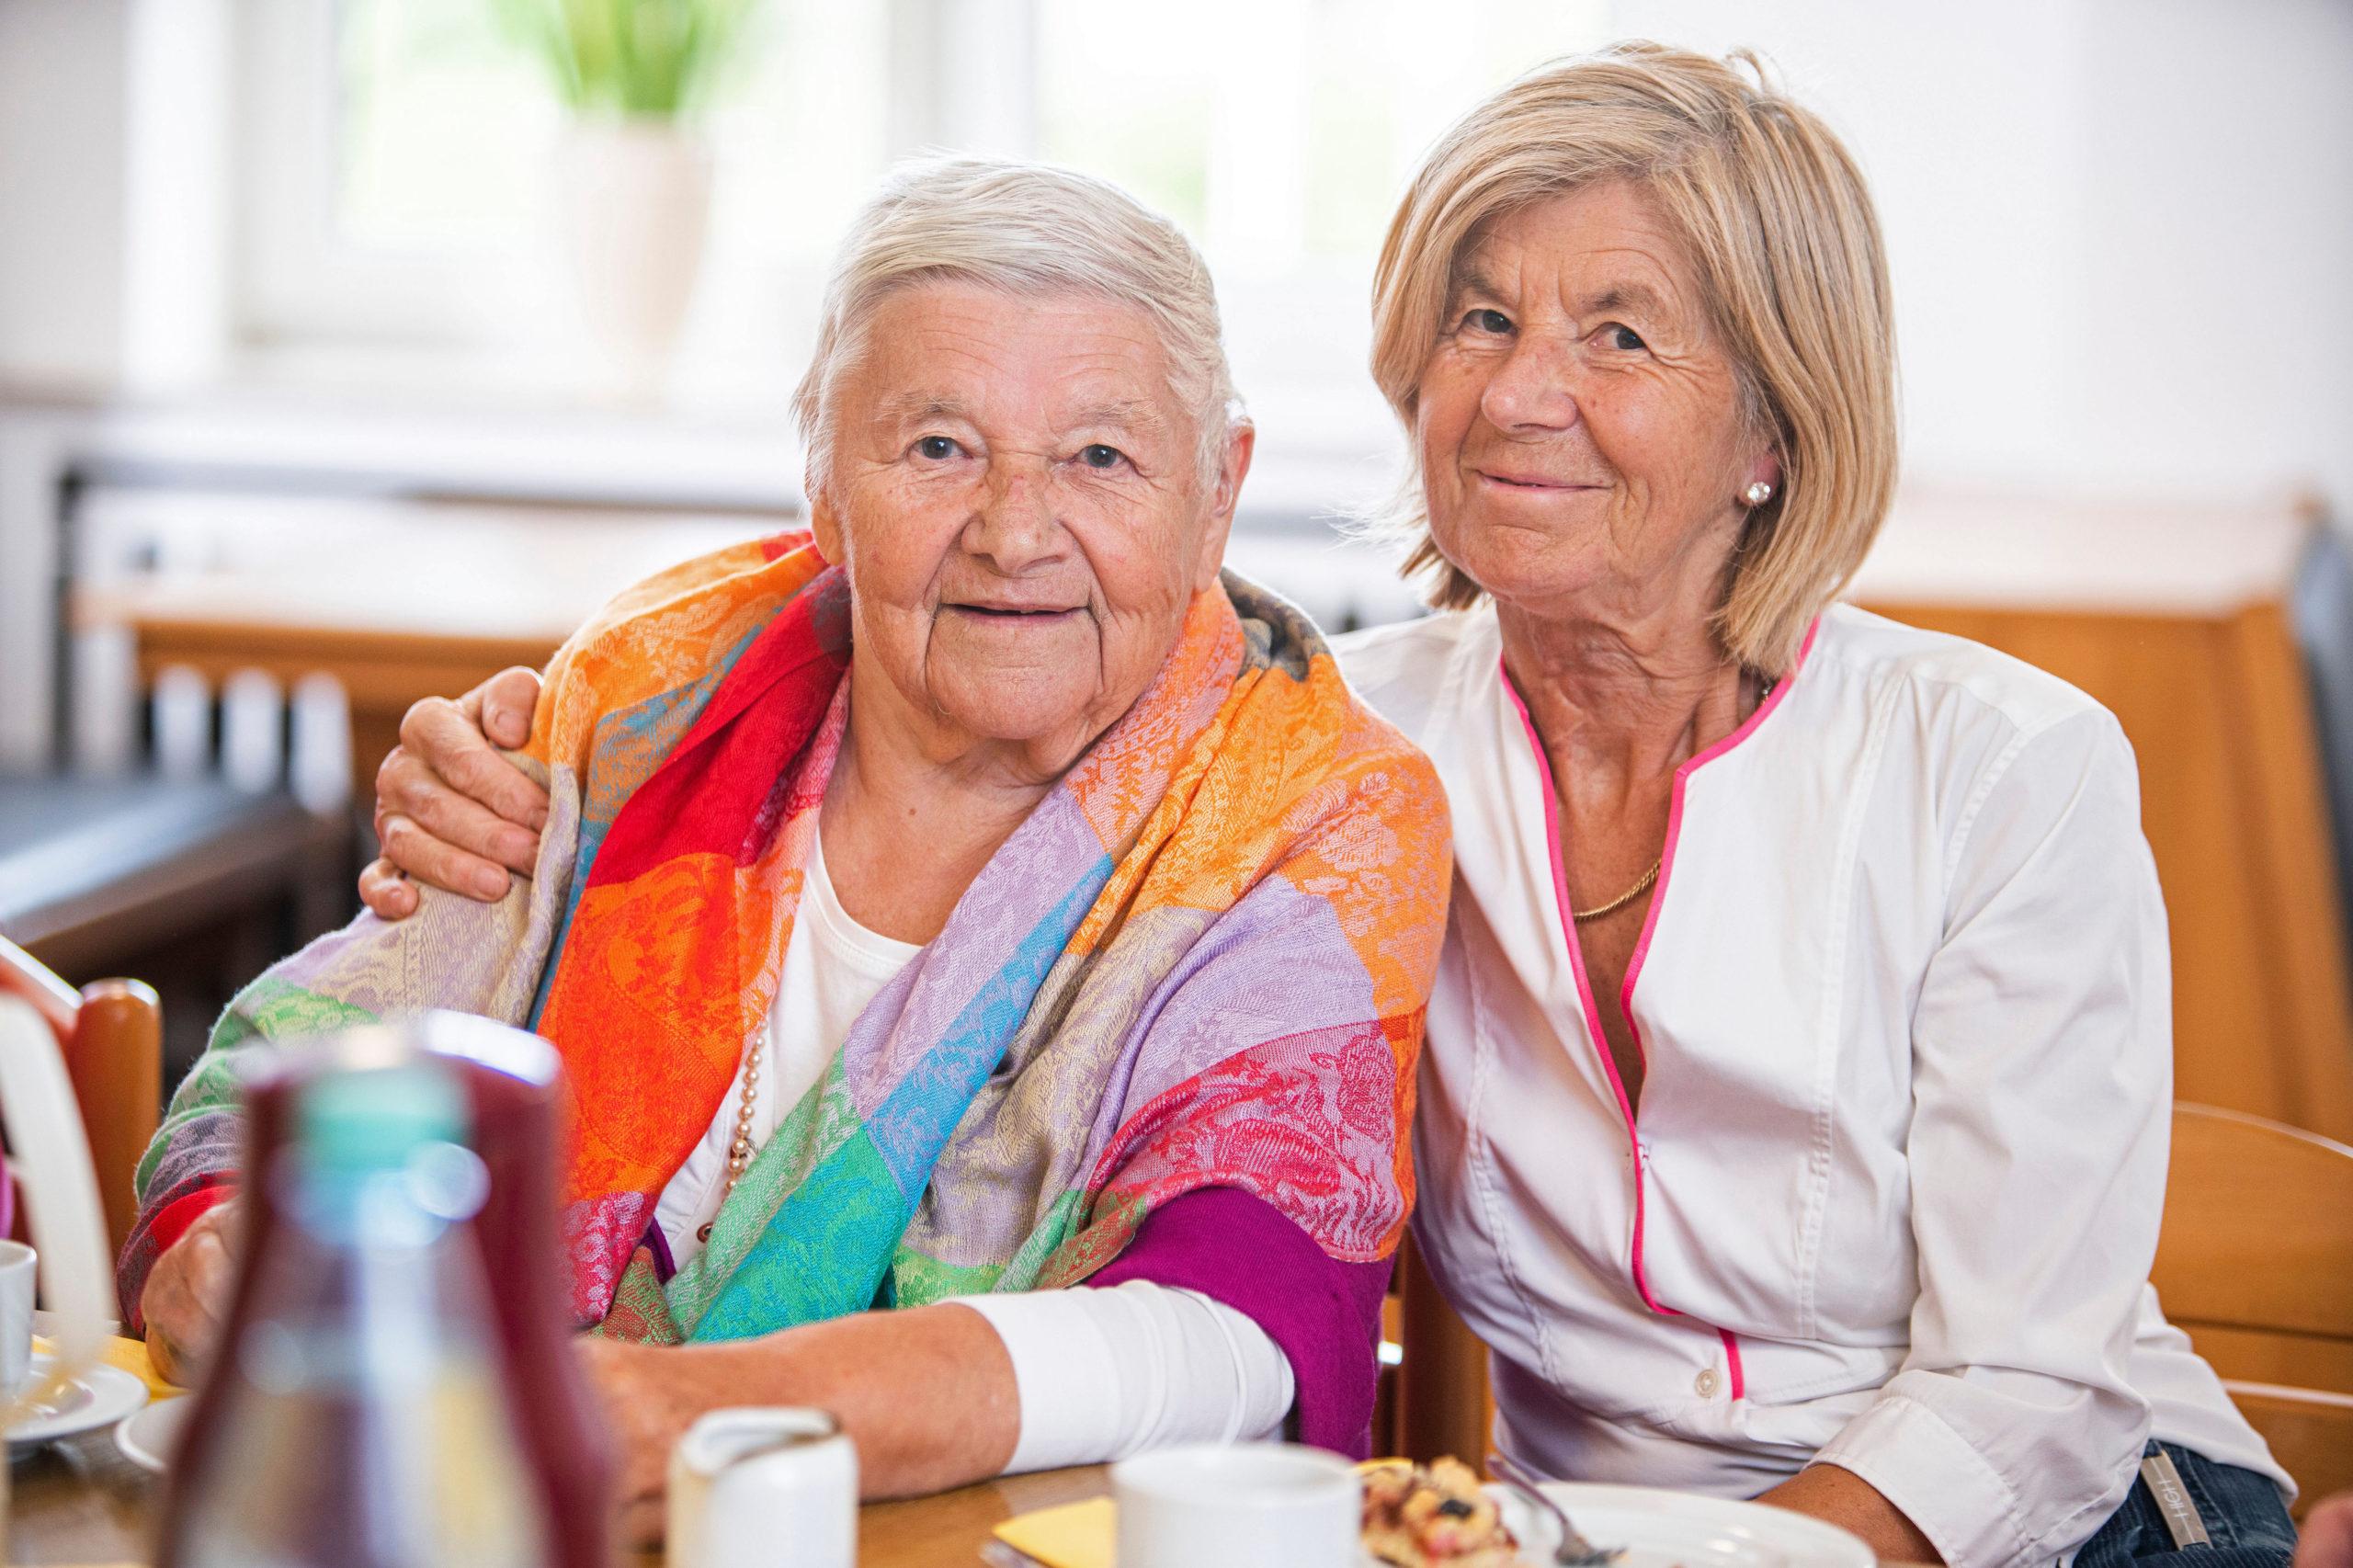 Einrichtung zur Unterstützung bei Demenz